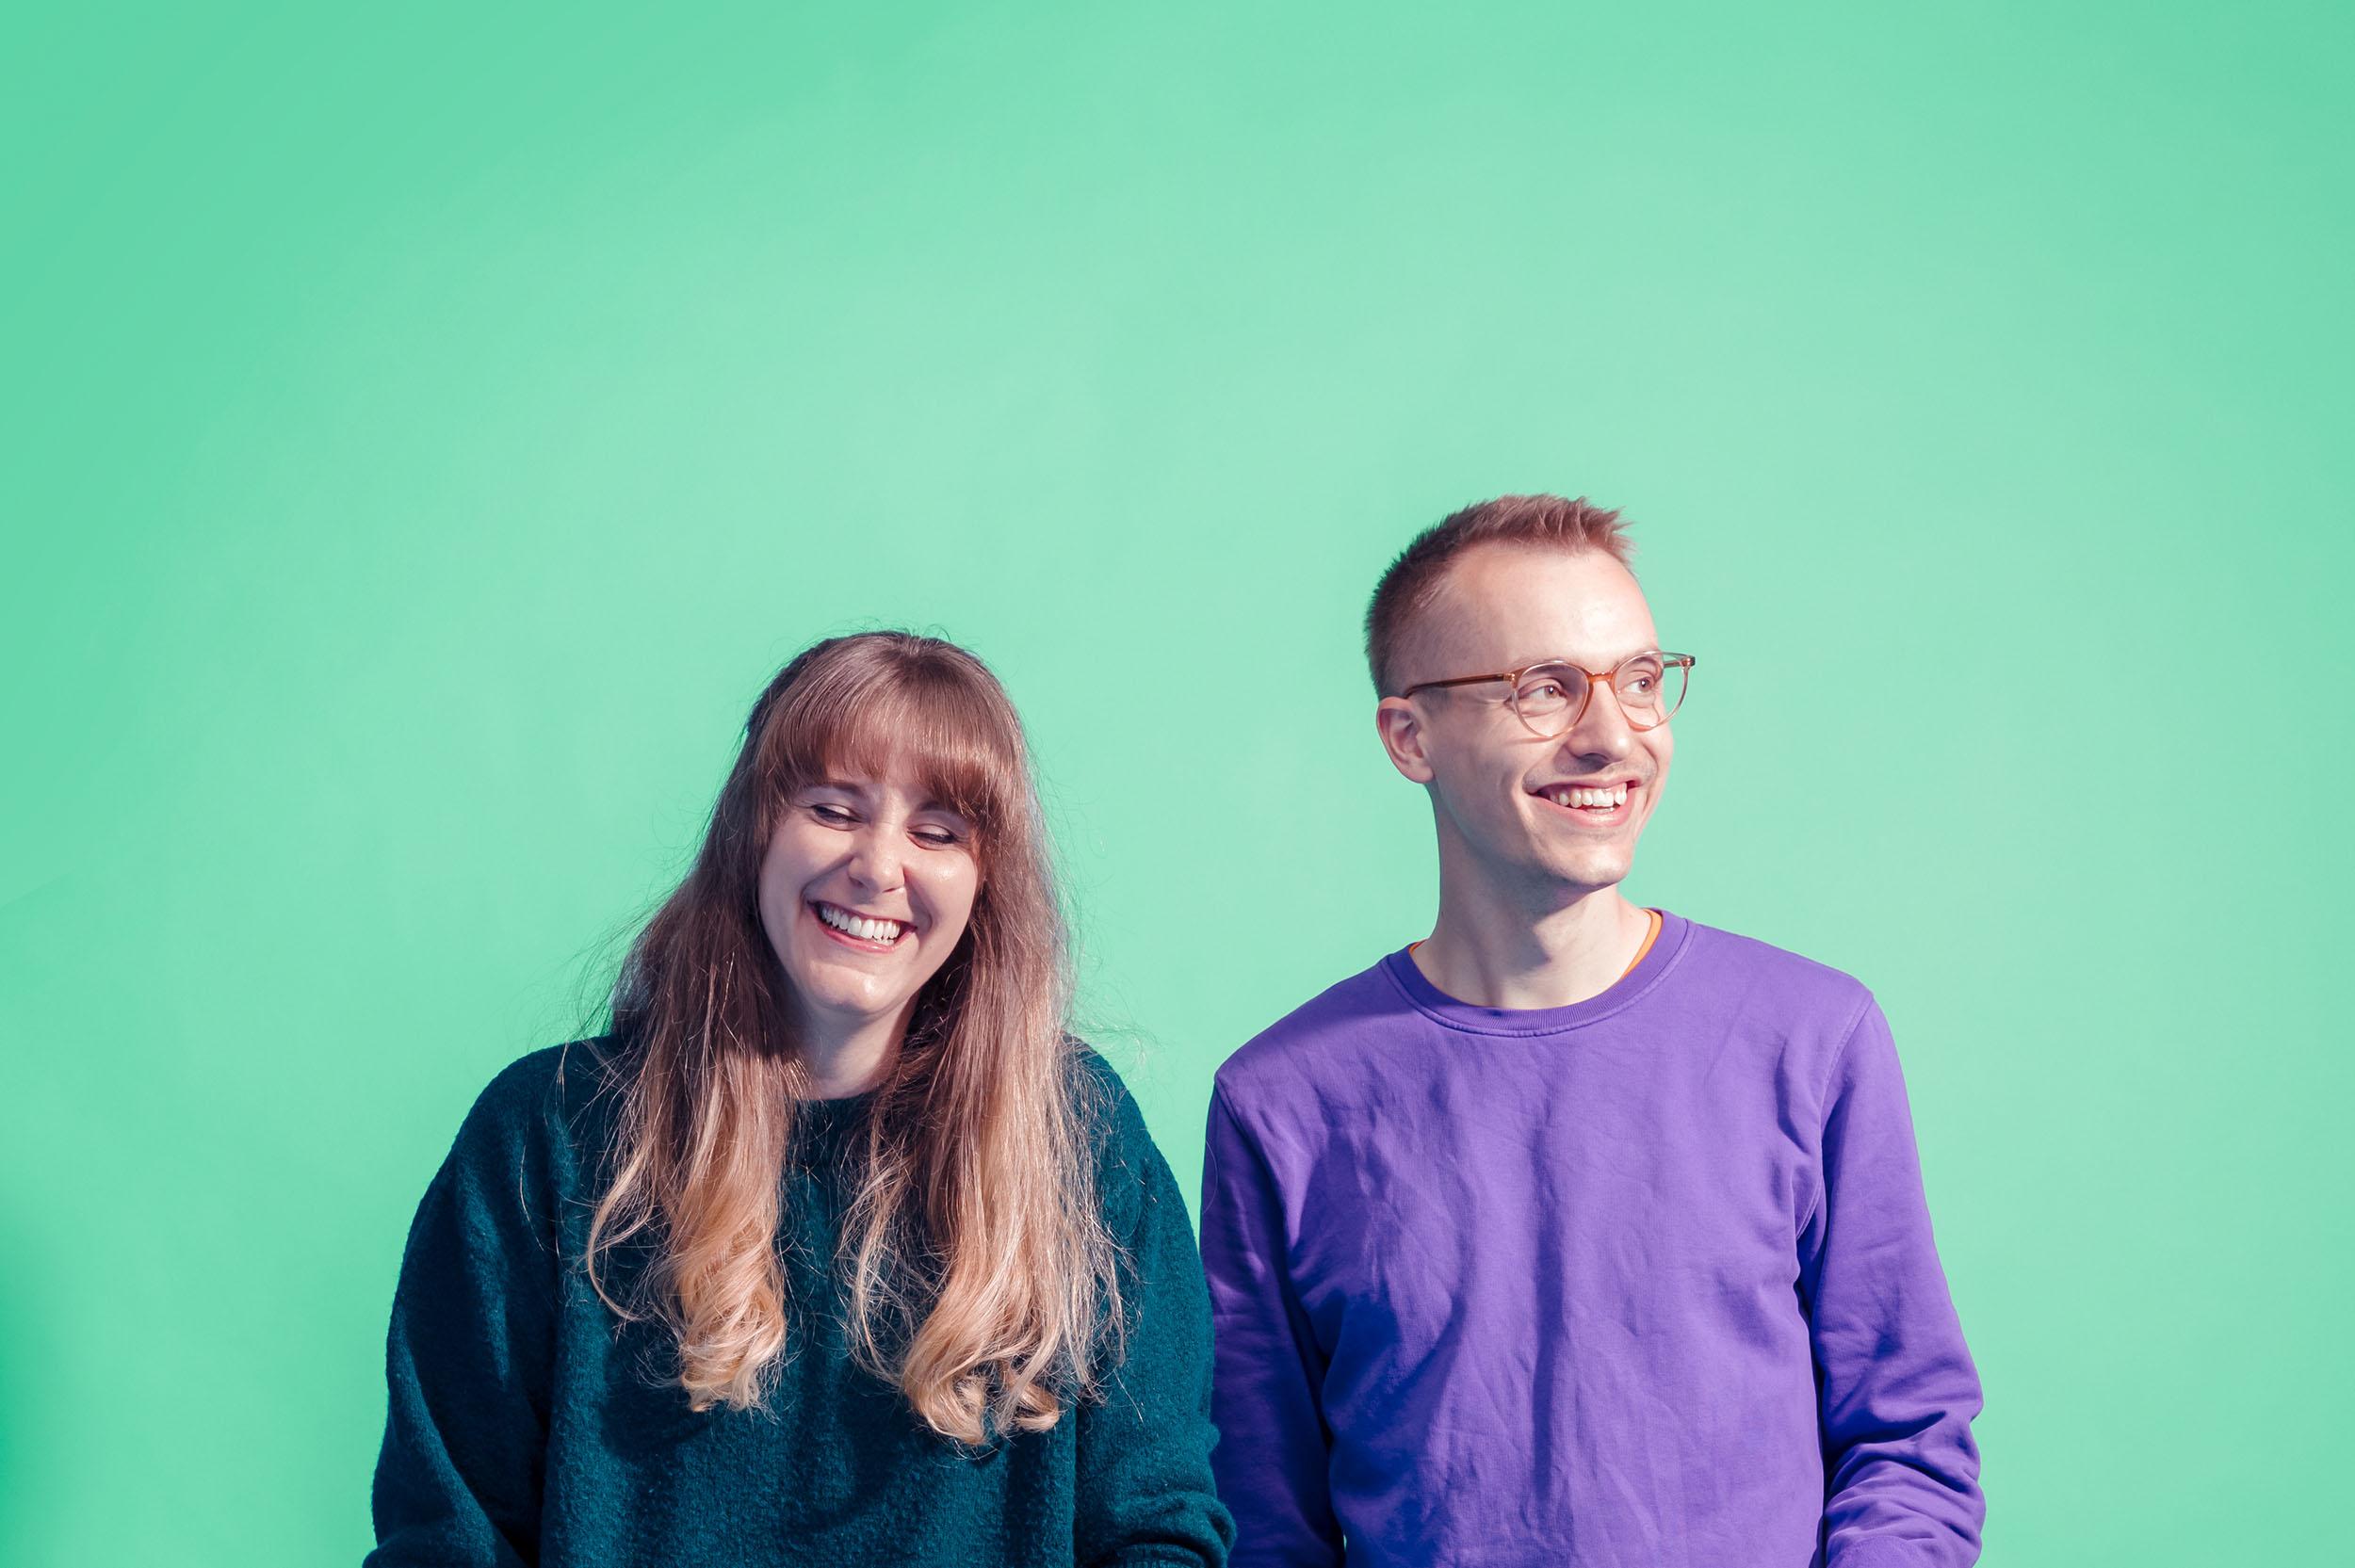 Porträt von Aline Cadonau und Simon Heger, lachend vor grünem Hintergrund